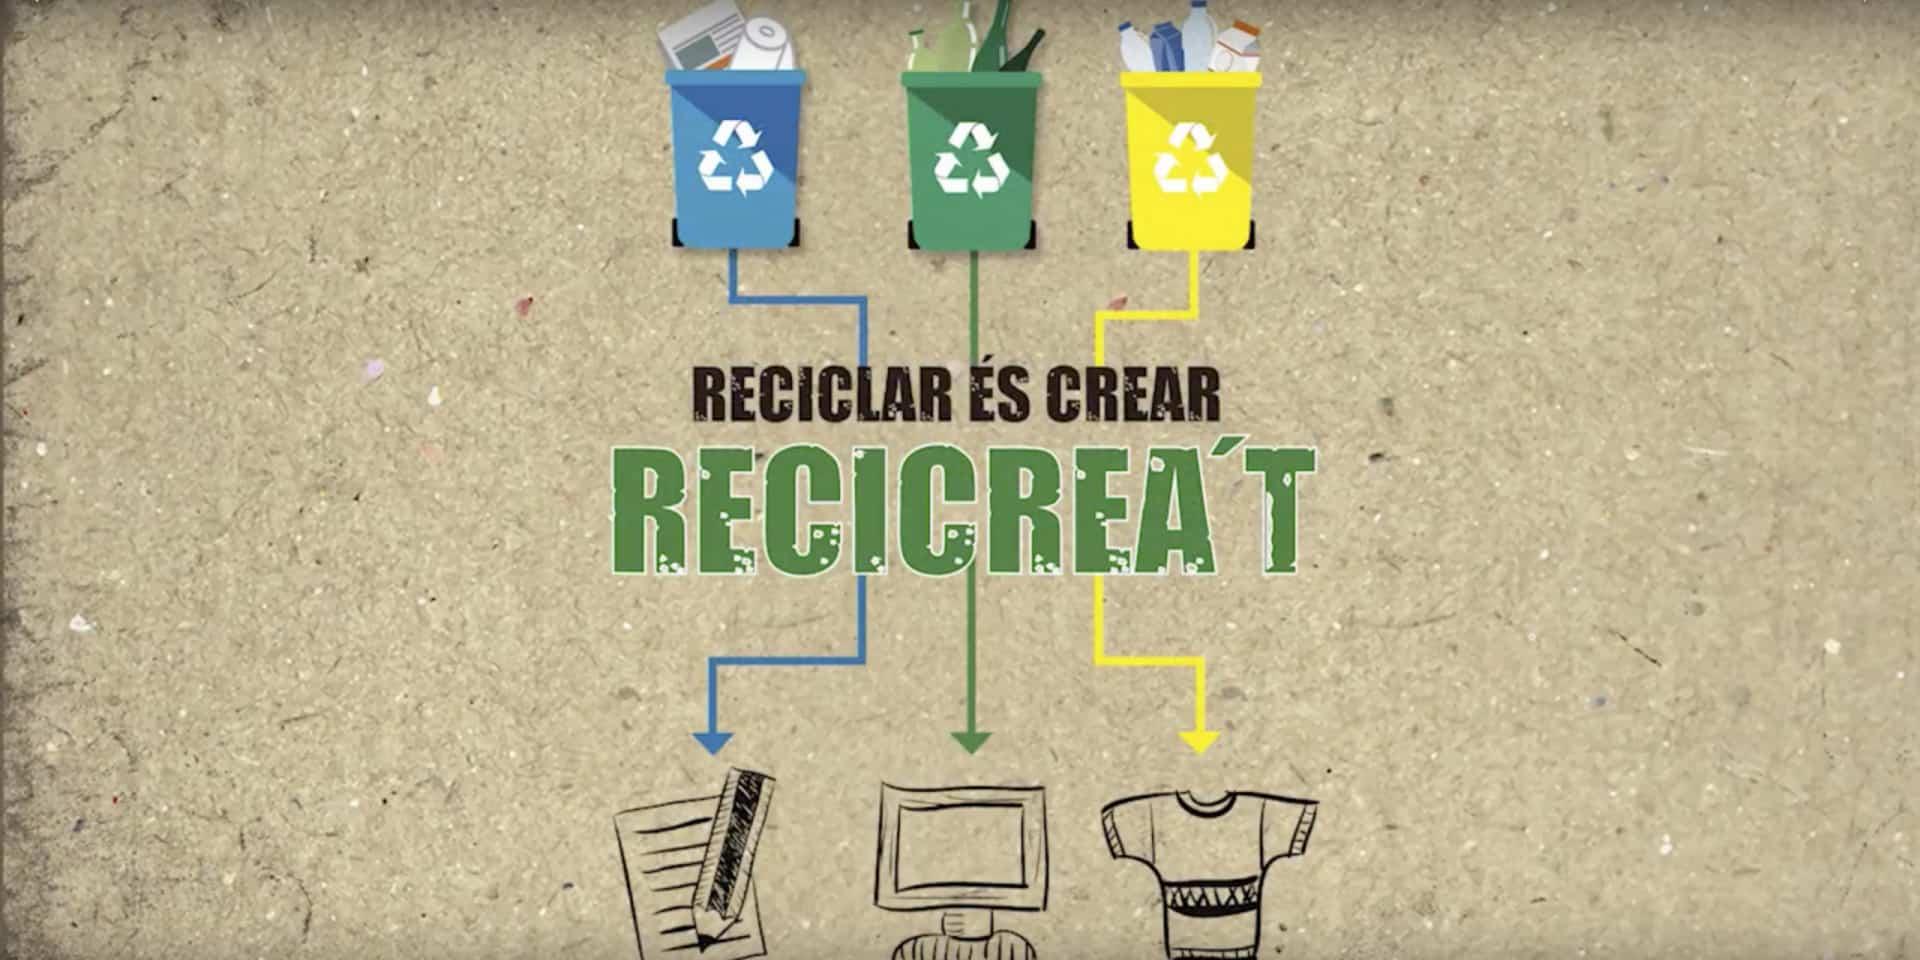 """La productora audiovisual d'Alacant Producciones GDP va ser l'encarregada de dur a terme la campanya de reciclatge """"Reciclar és crear. Recicrea't!""""."""